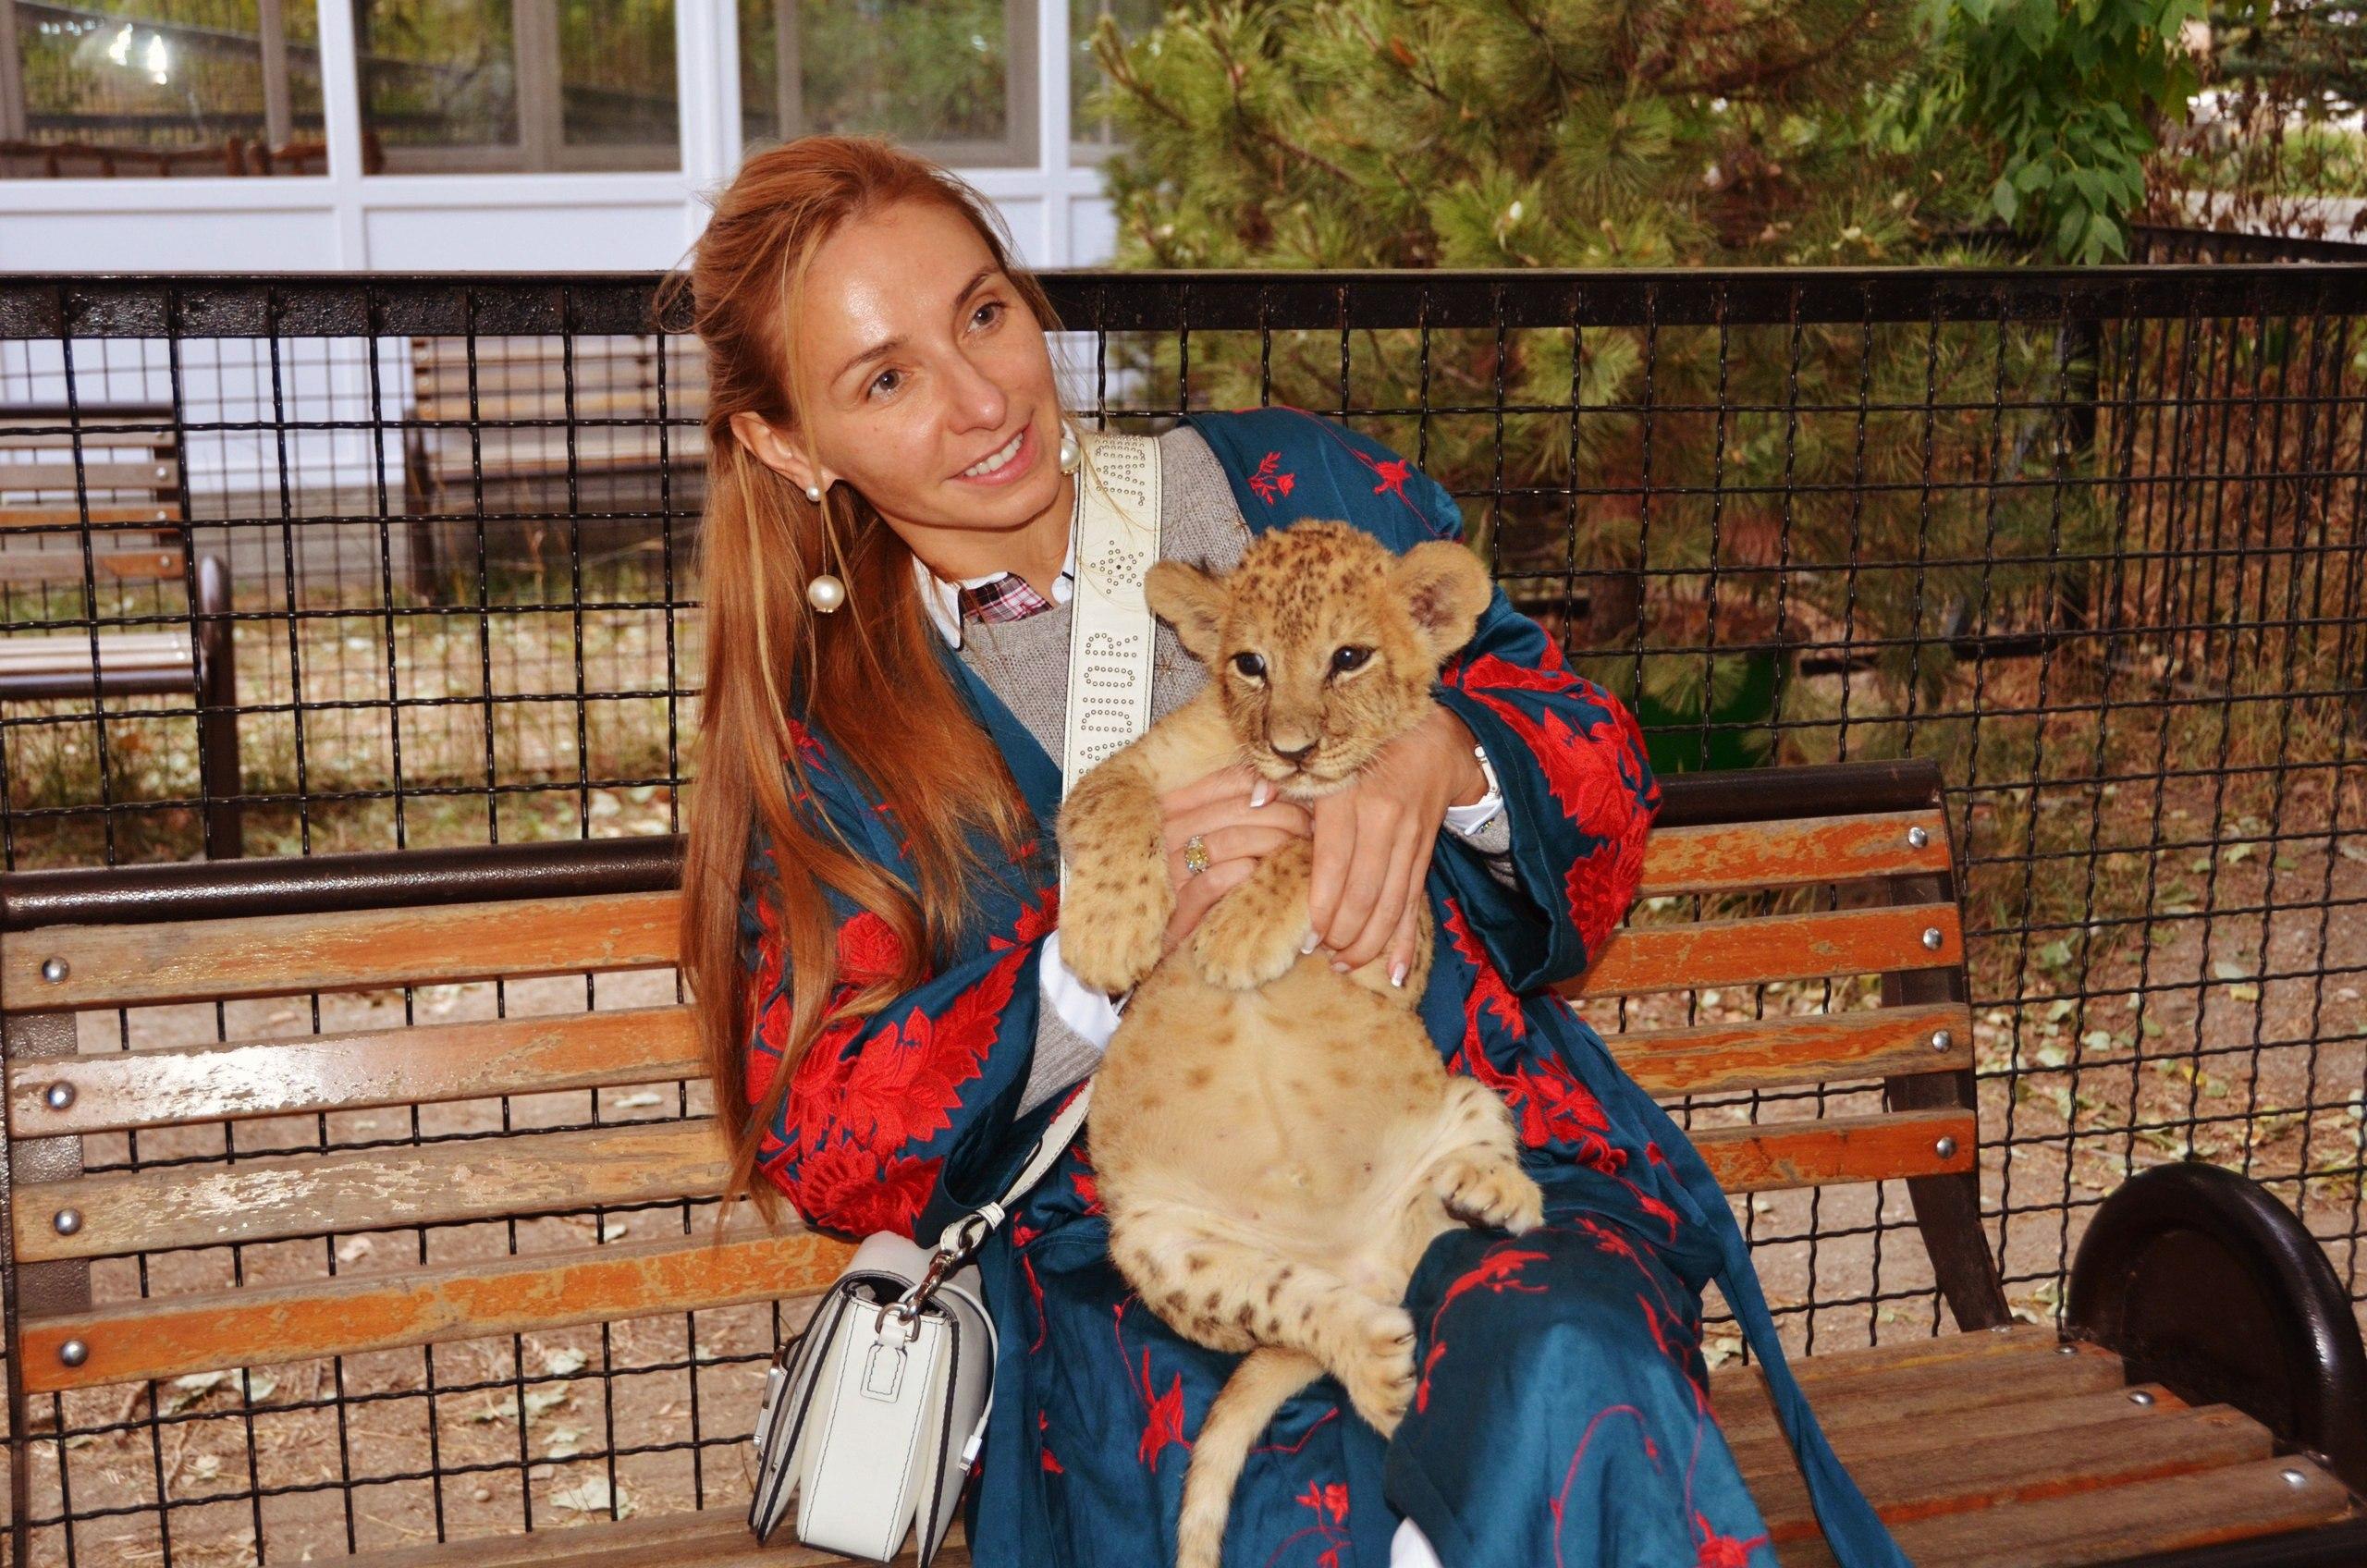 Татьяна Навка. Крым-2017 - Страница 2 5dOibbK_4g0